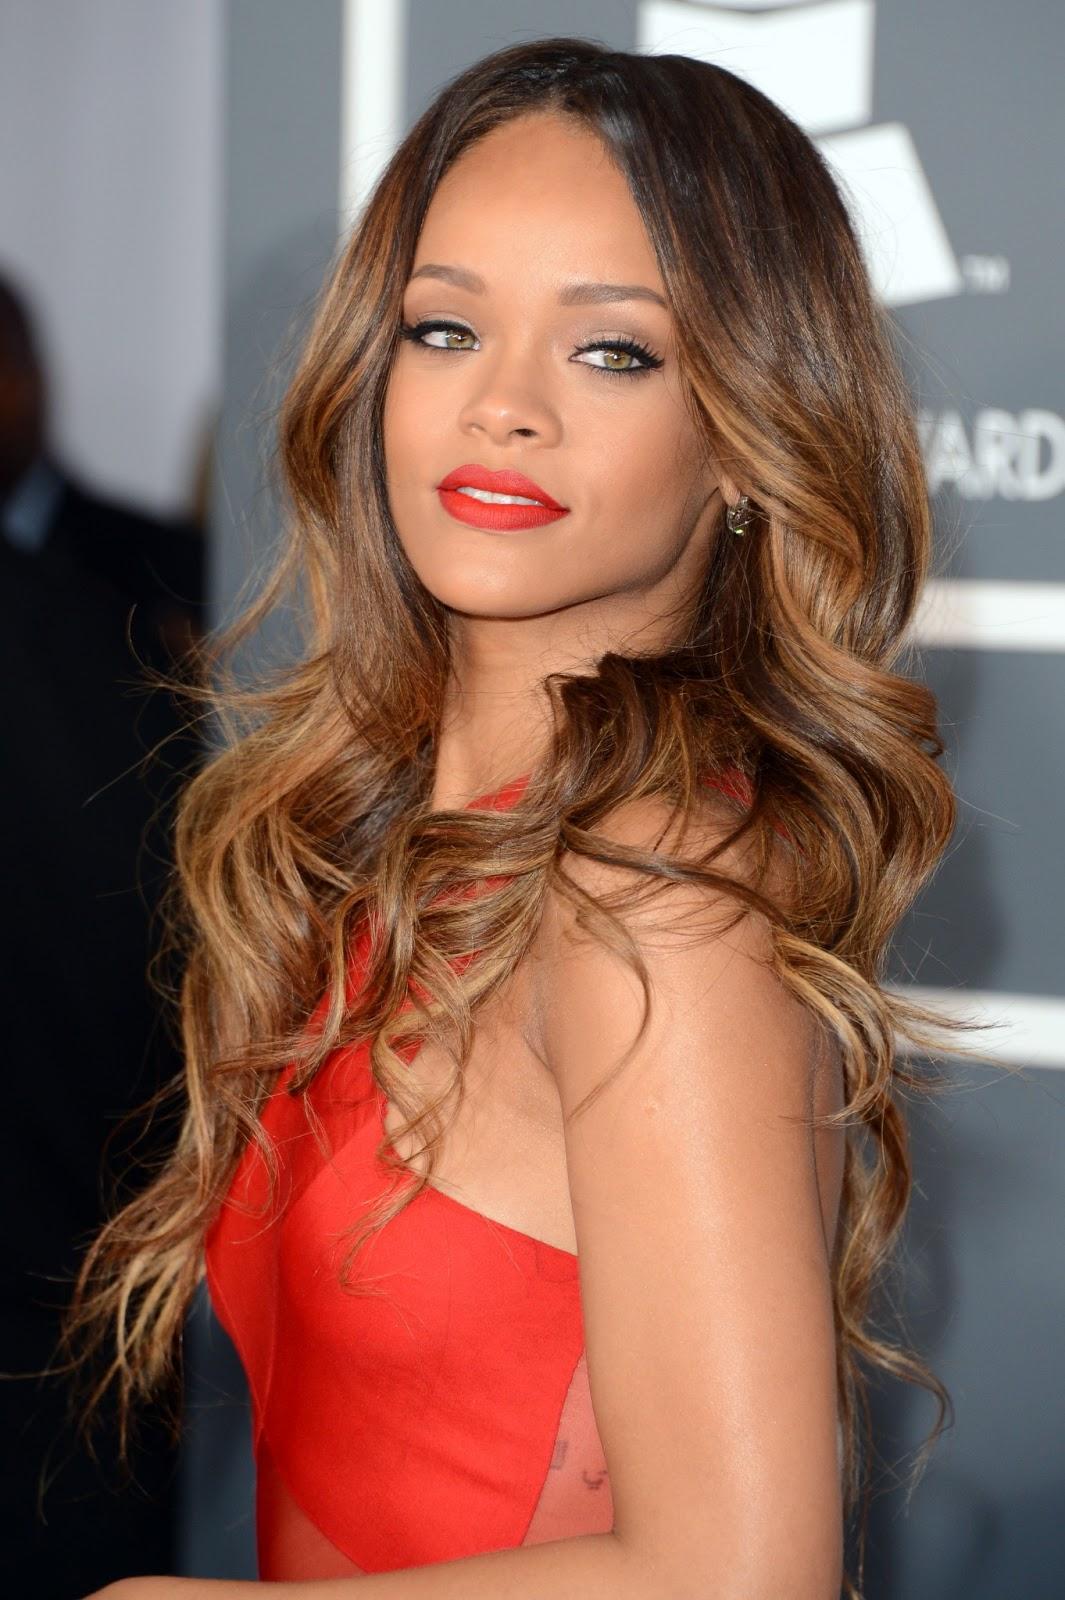 http://1.bp.blogspot.com/-D5IRiij7lVw/UW64ECXSlRI/AAAAAAAAF-k/Kmis5fCz5wQ/s1600/Rihanna+Pic+2013+10.jpg